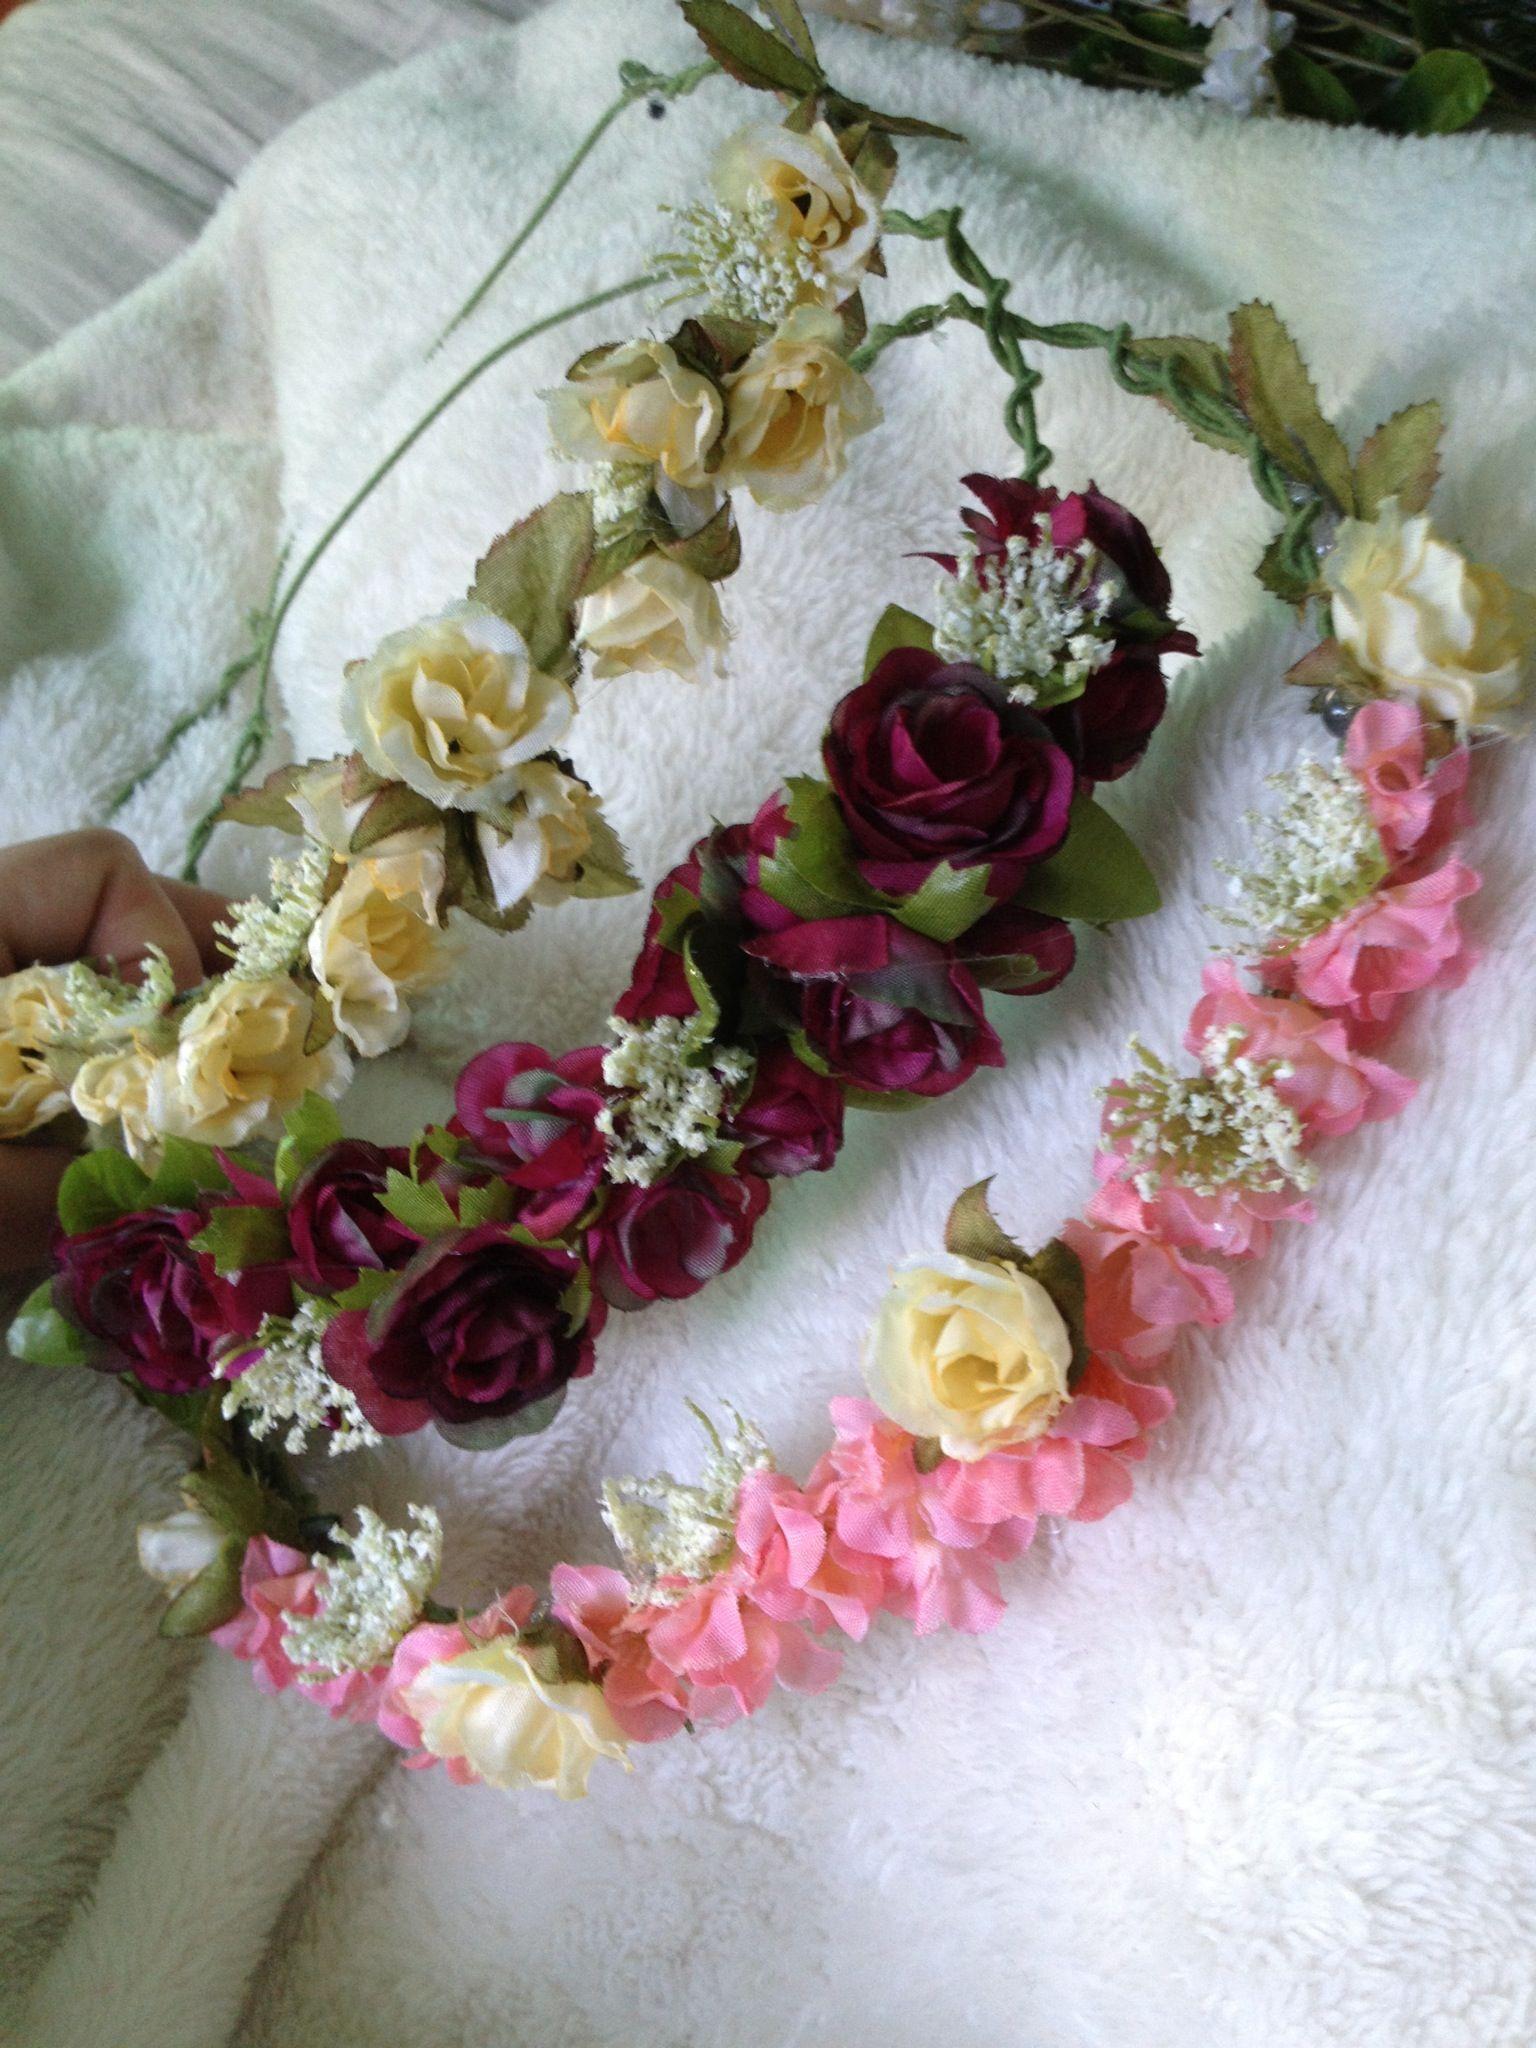 Já fiz com florzinhas artificiais para uma bebê linda Ana Júlia, e flores naturais para uma noiva linda que foi minha daminha Priscila...